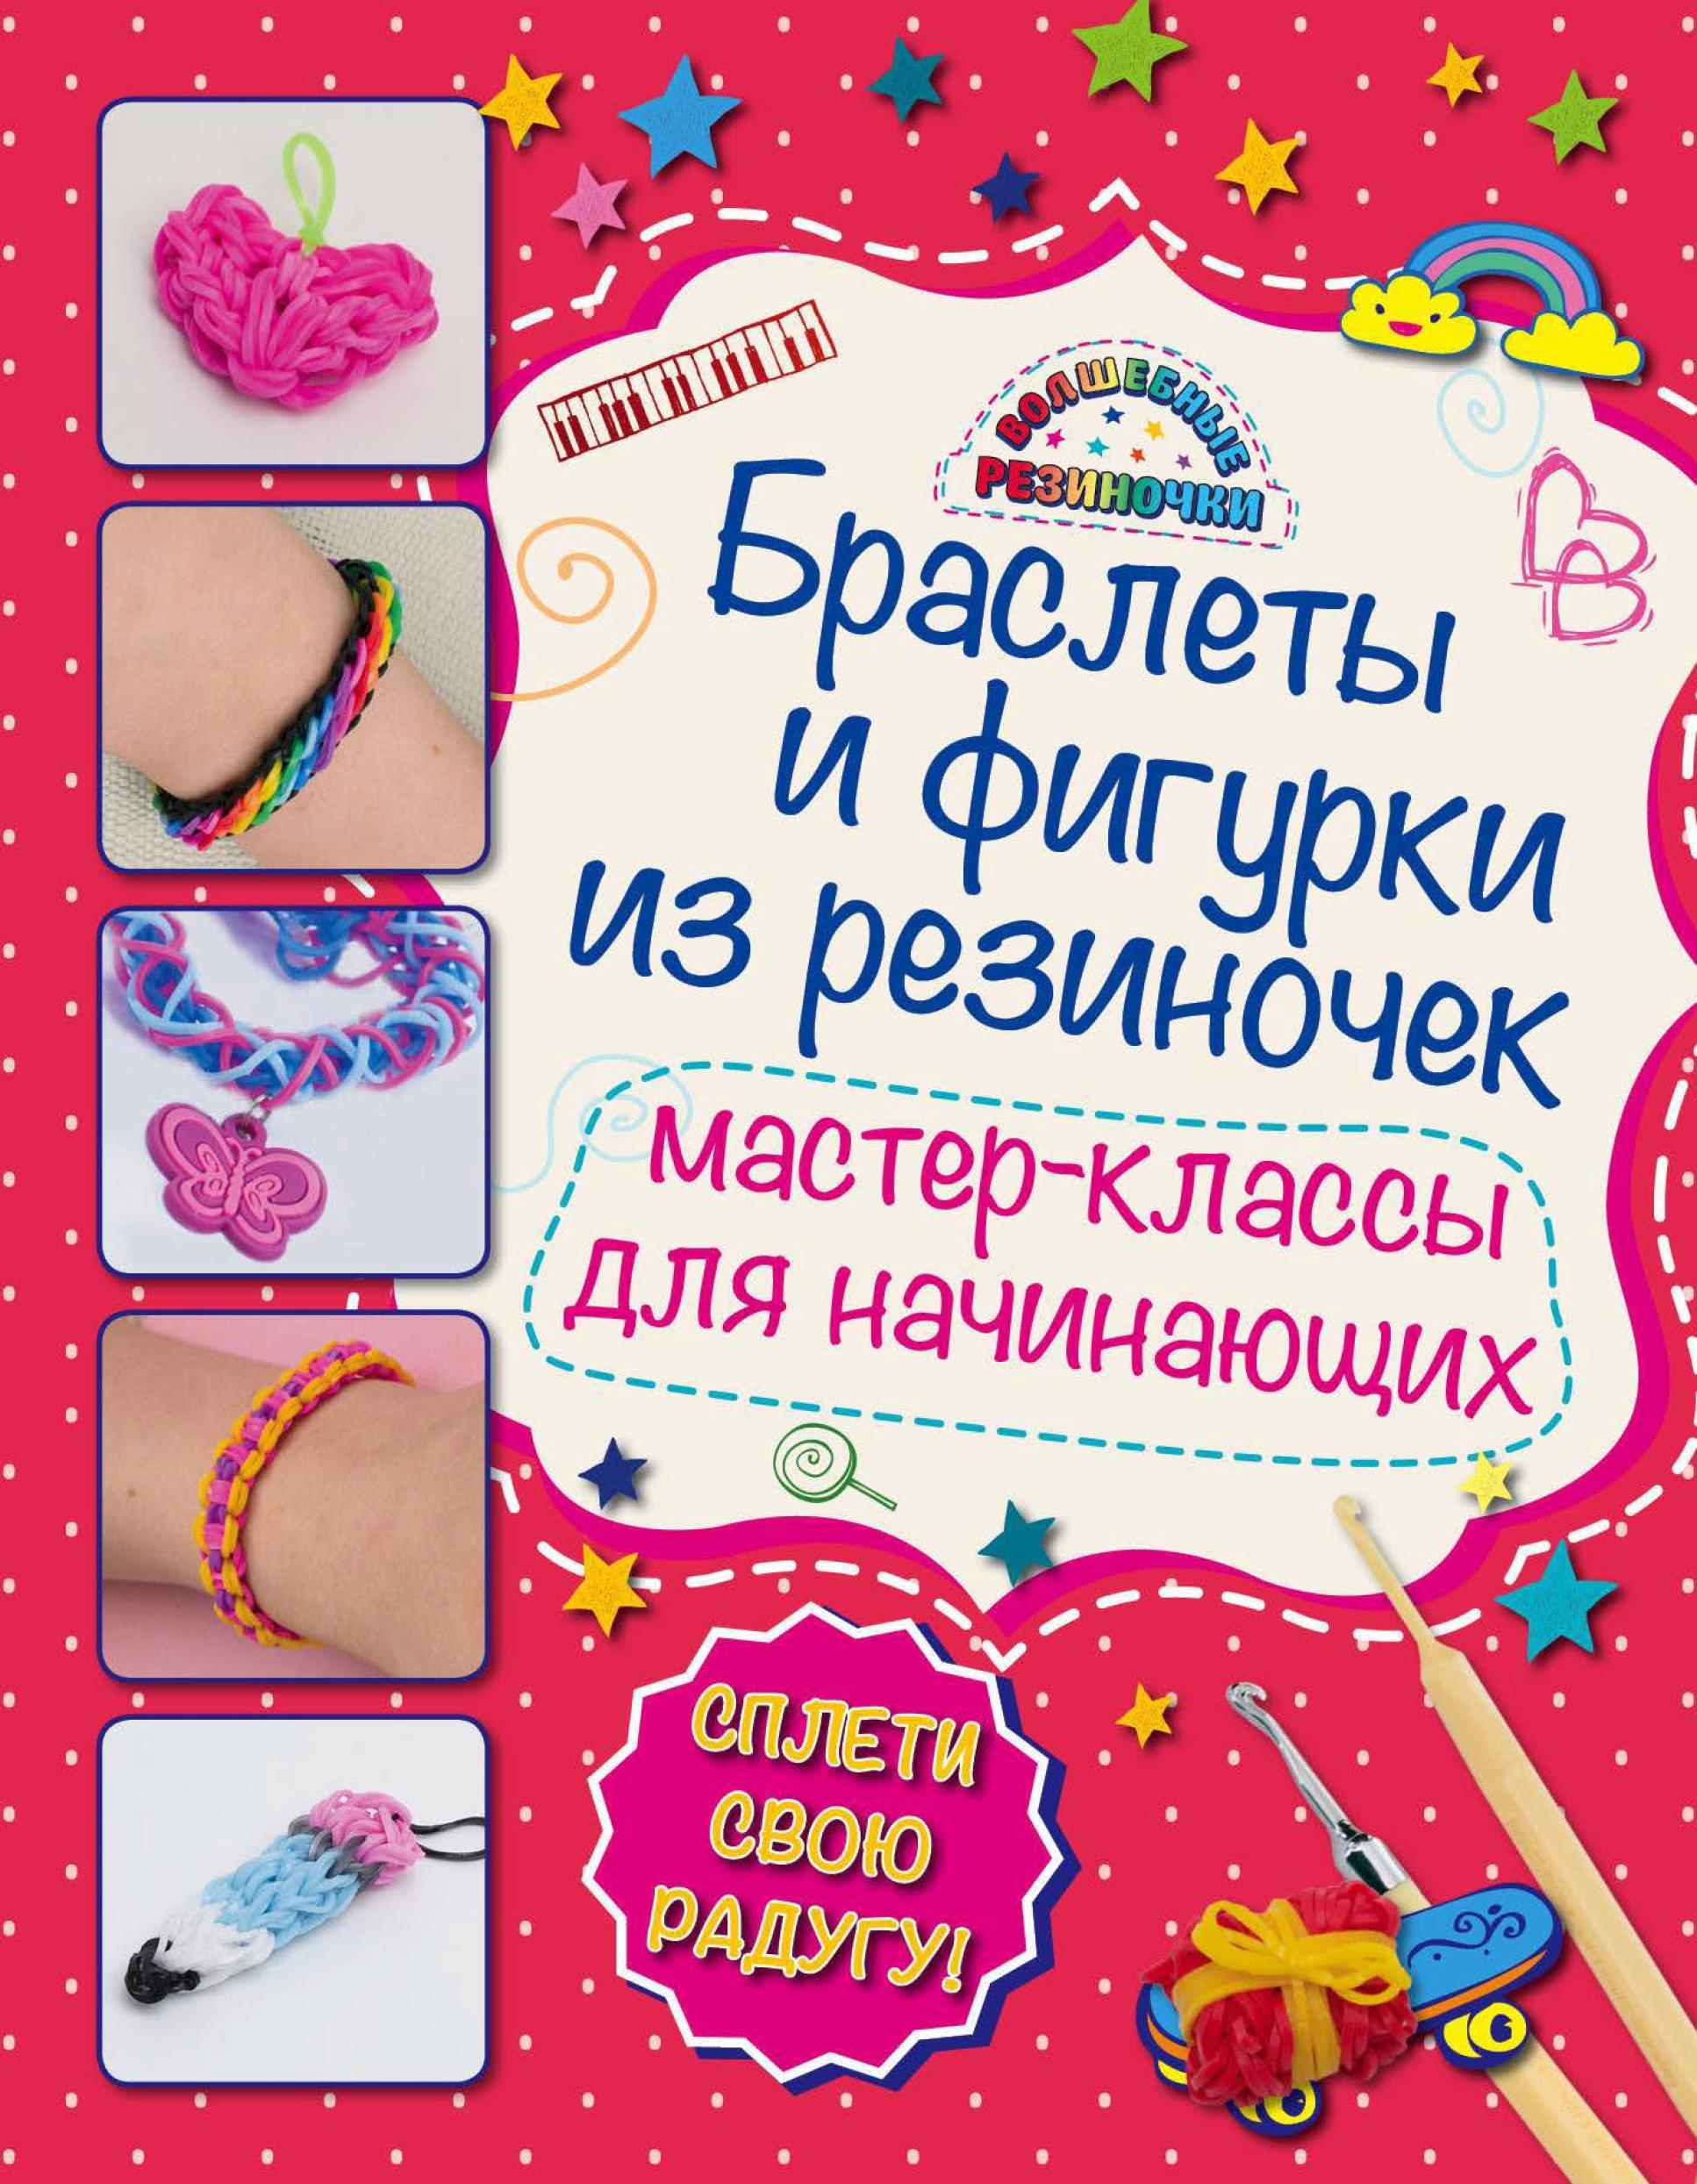 Мария Крупская Браслеты и фигурки из резиночек. Мастер-классы для начинающих